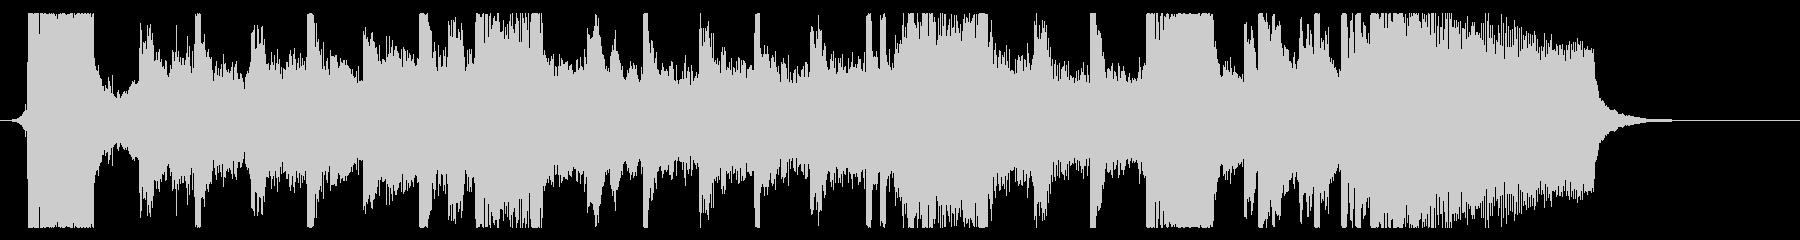 シンフォニックなダブステップジングルの未再生の波形